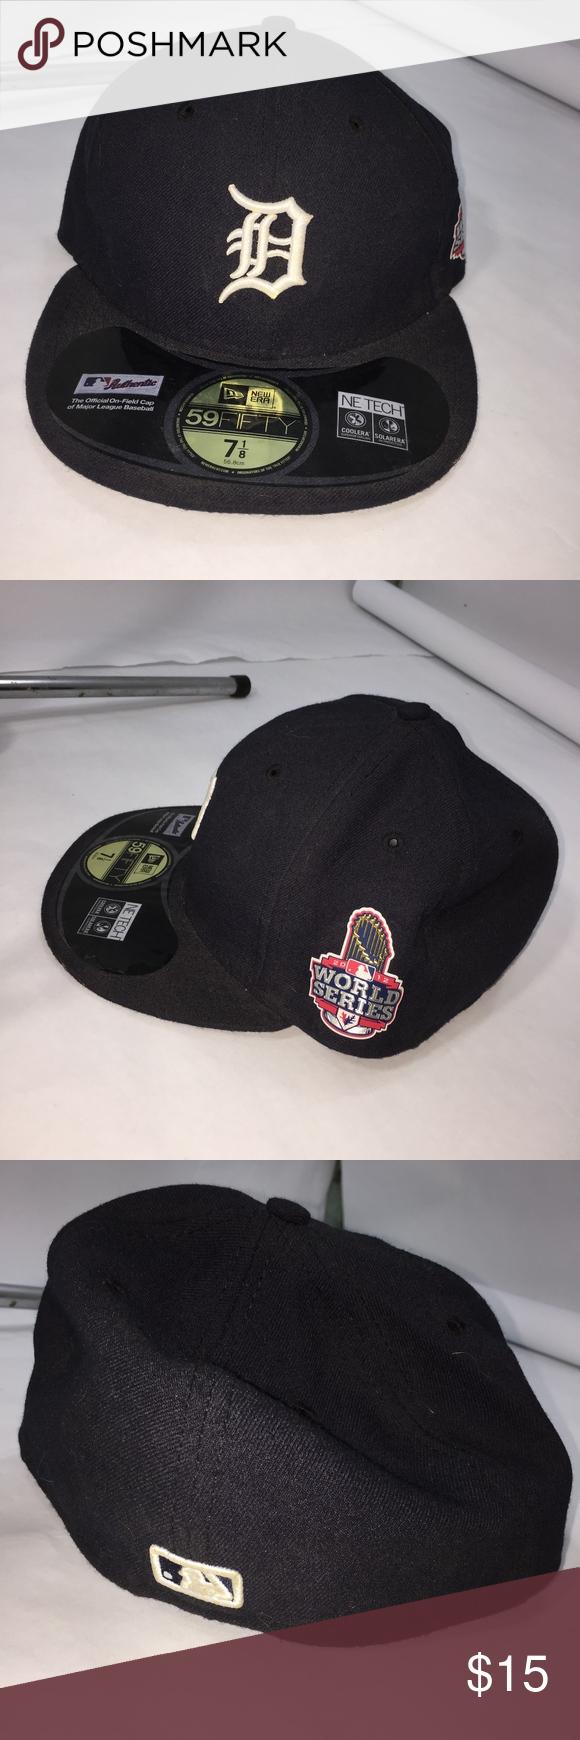 13b72f7074c50 Detroit Tigers 59Fifty new era hat world series 2012 Detroit Tigers 59Fifty new  era hat The